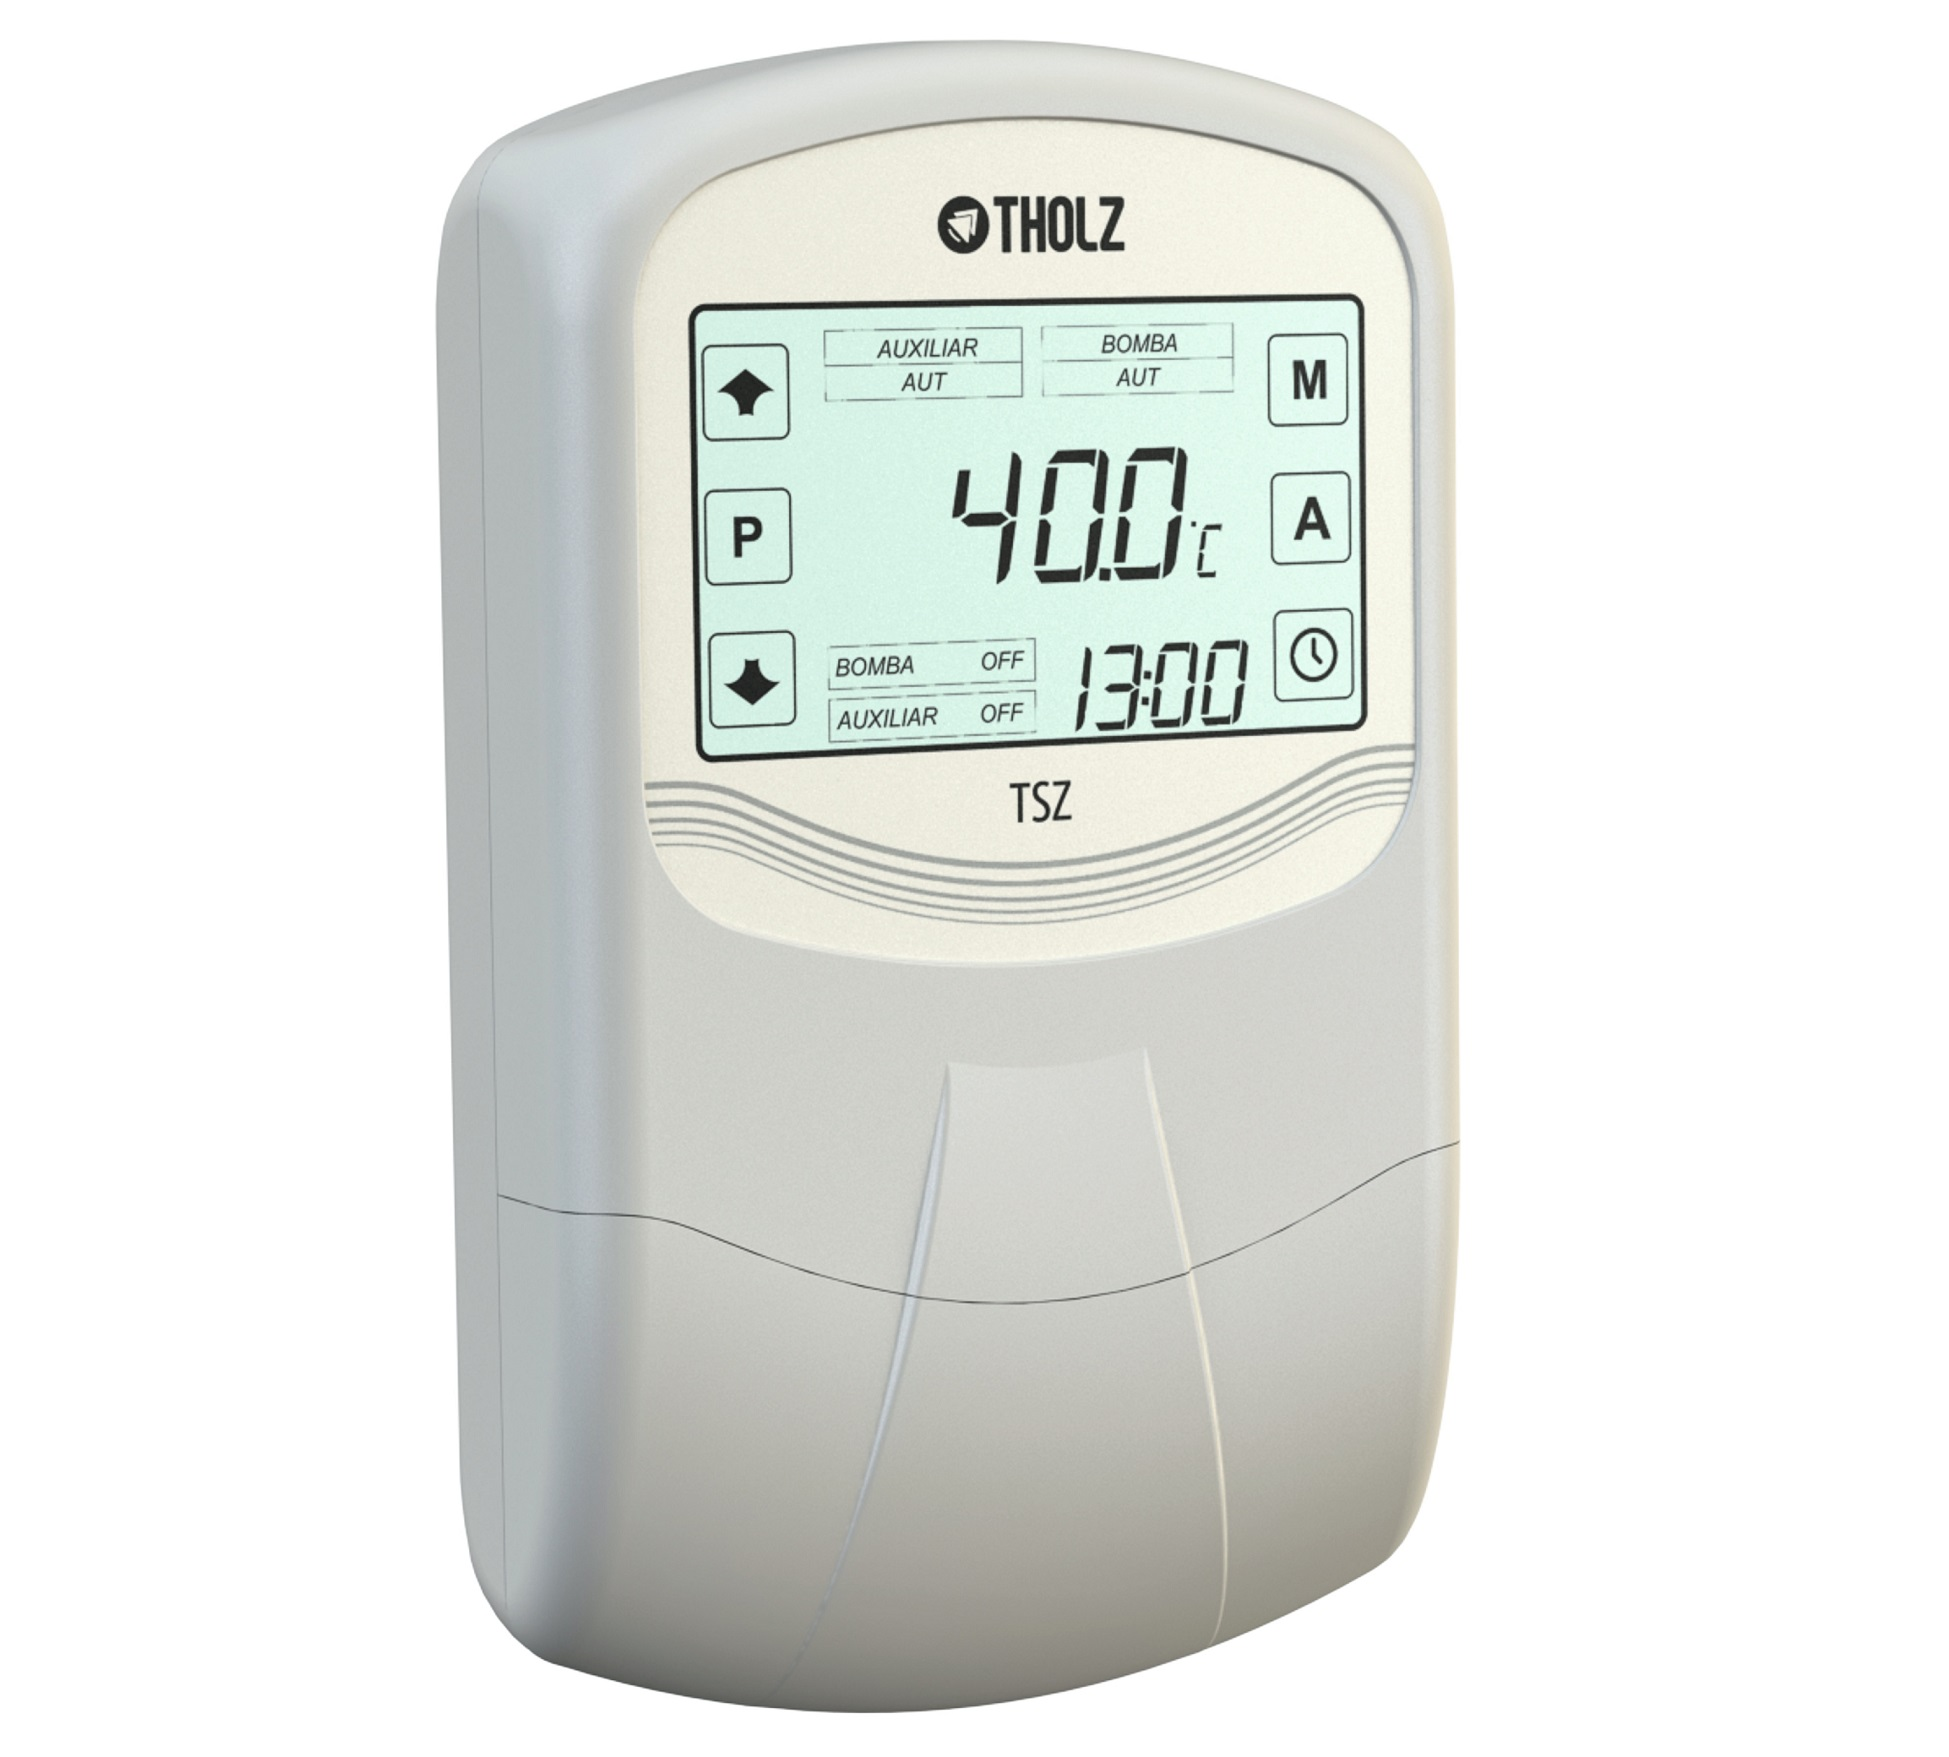 Controlador de Temperatura Tholz TSZ 1205N  P731